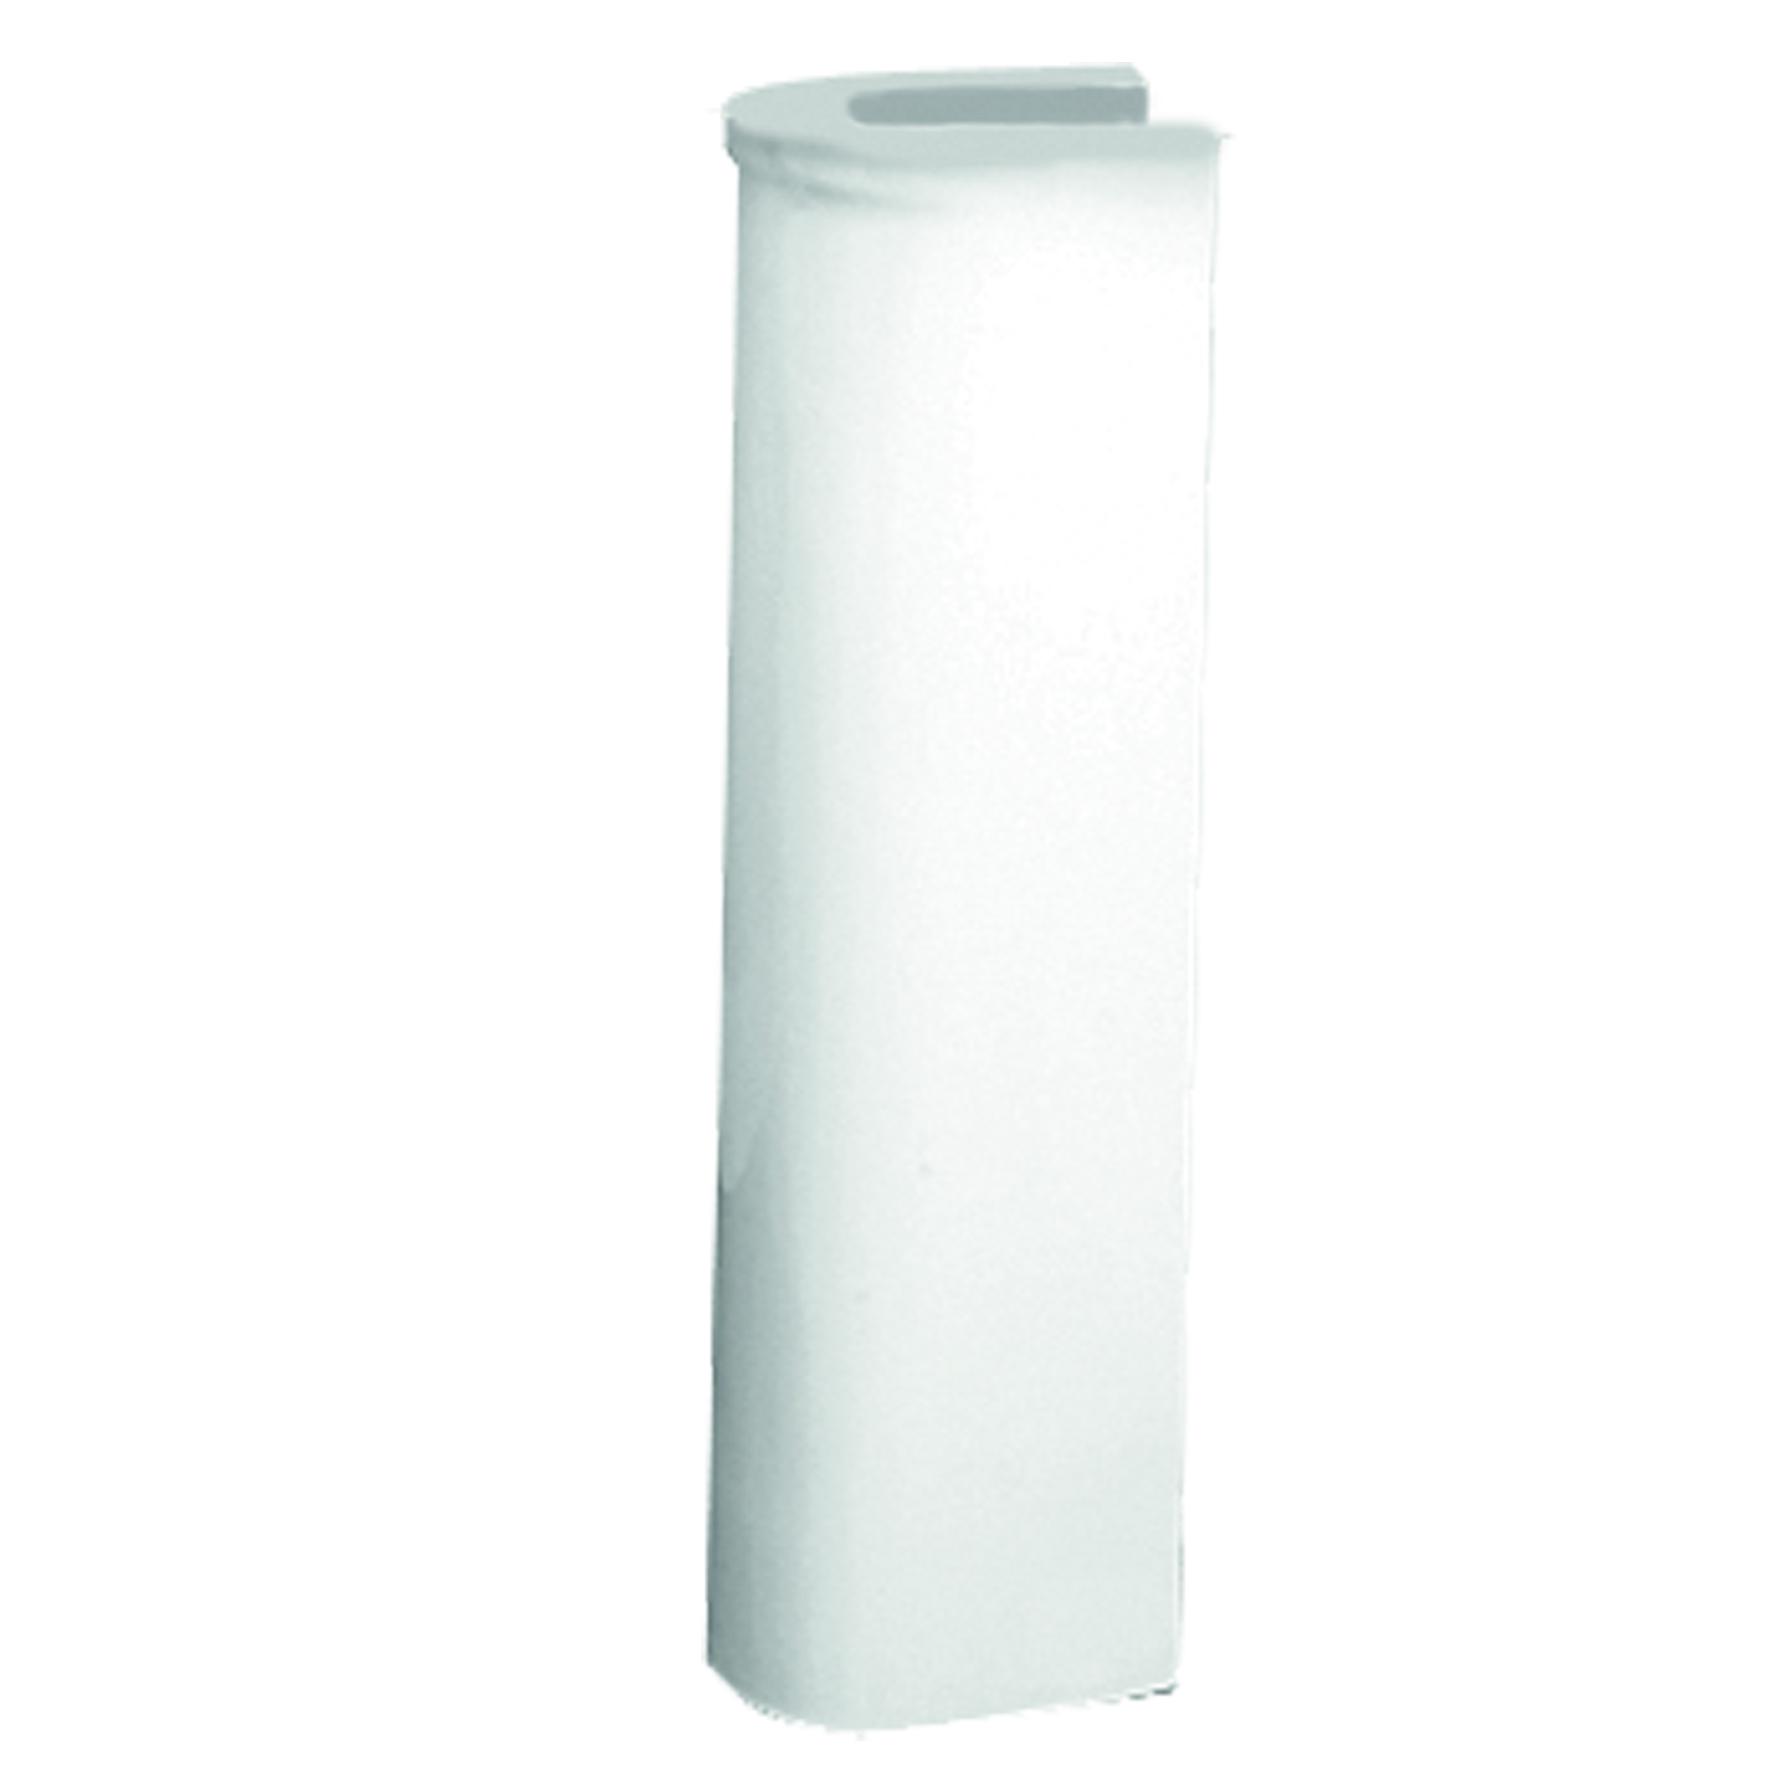 Wastafelzuil VM Isifix Atlas Porselein 70cm Hoog Wit